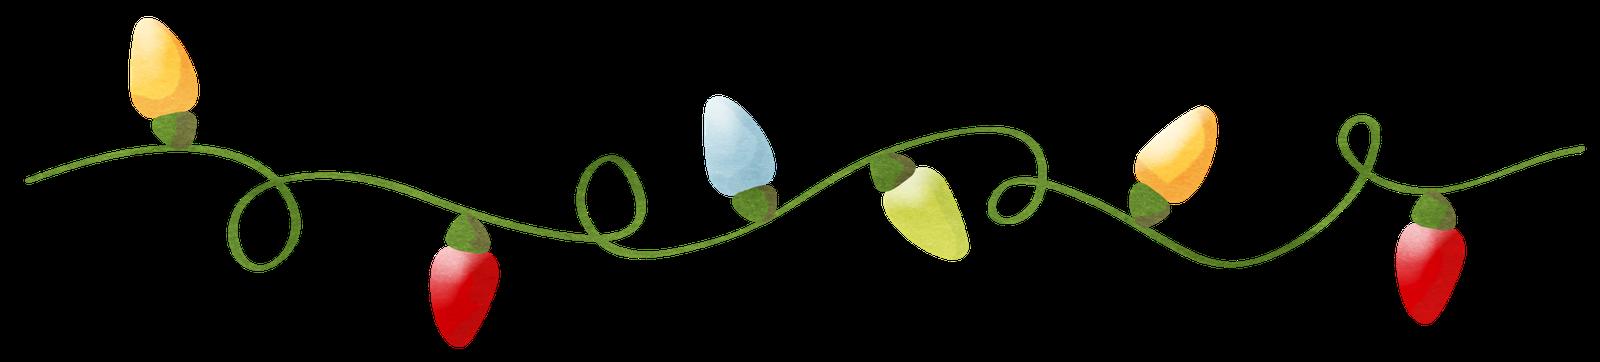 Guirlande Lumineuse En étoile Png : Les mercredis de julie comptines noël